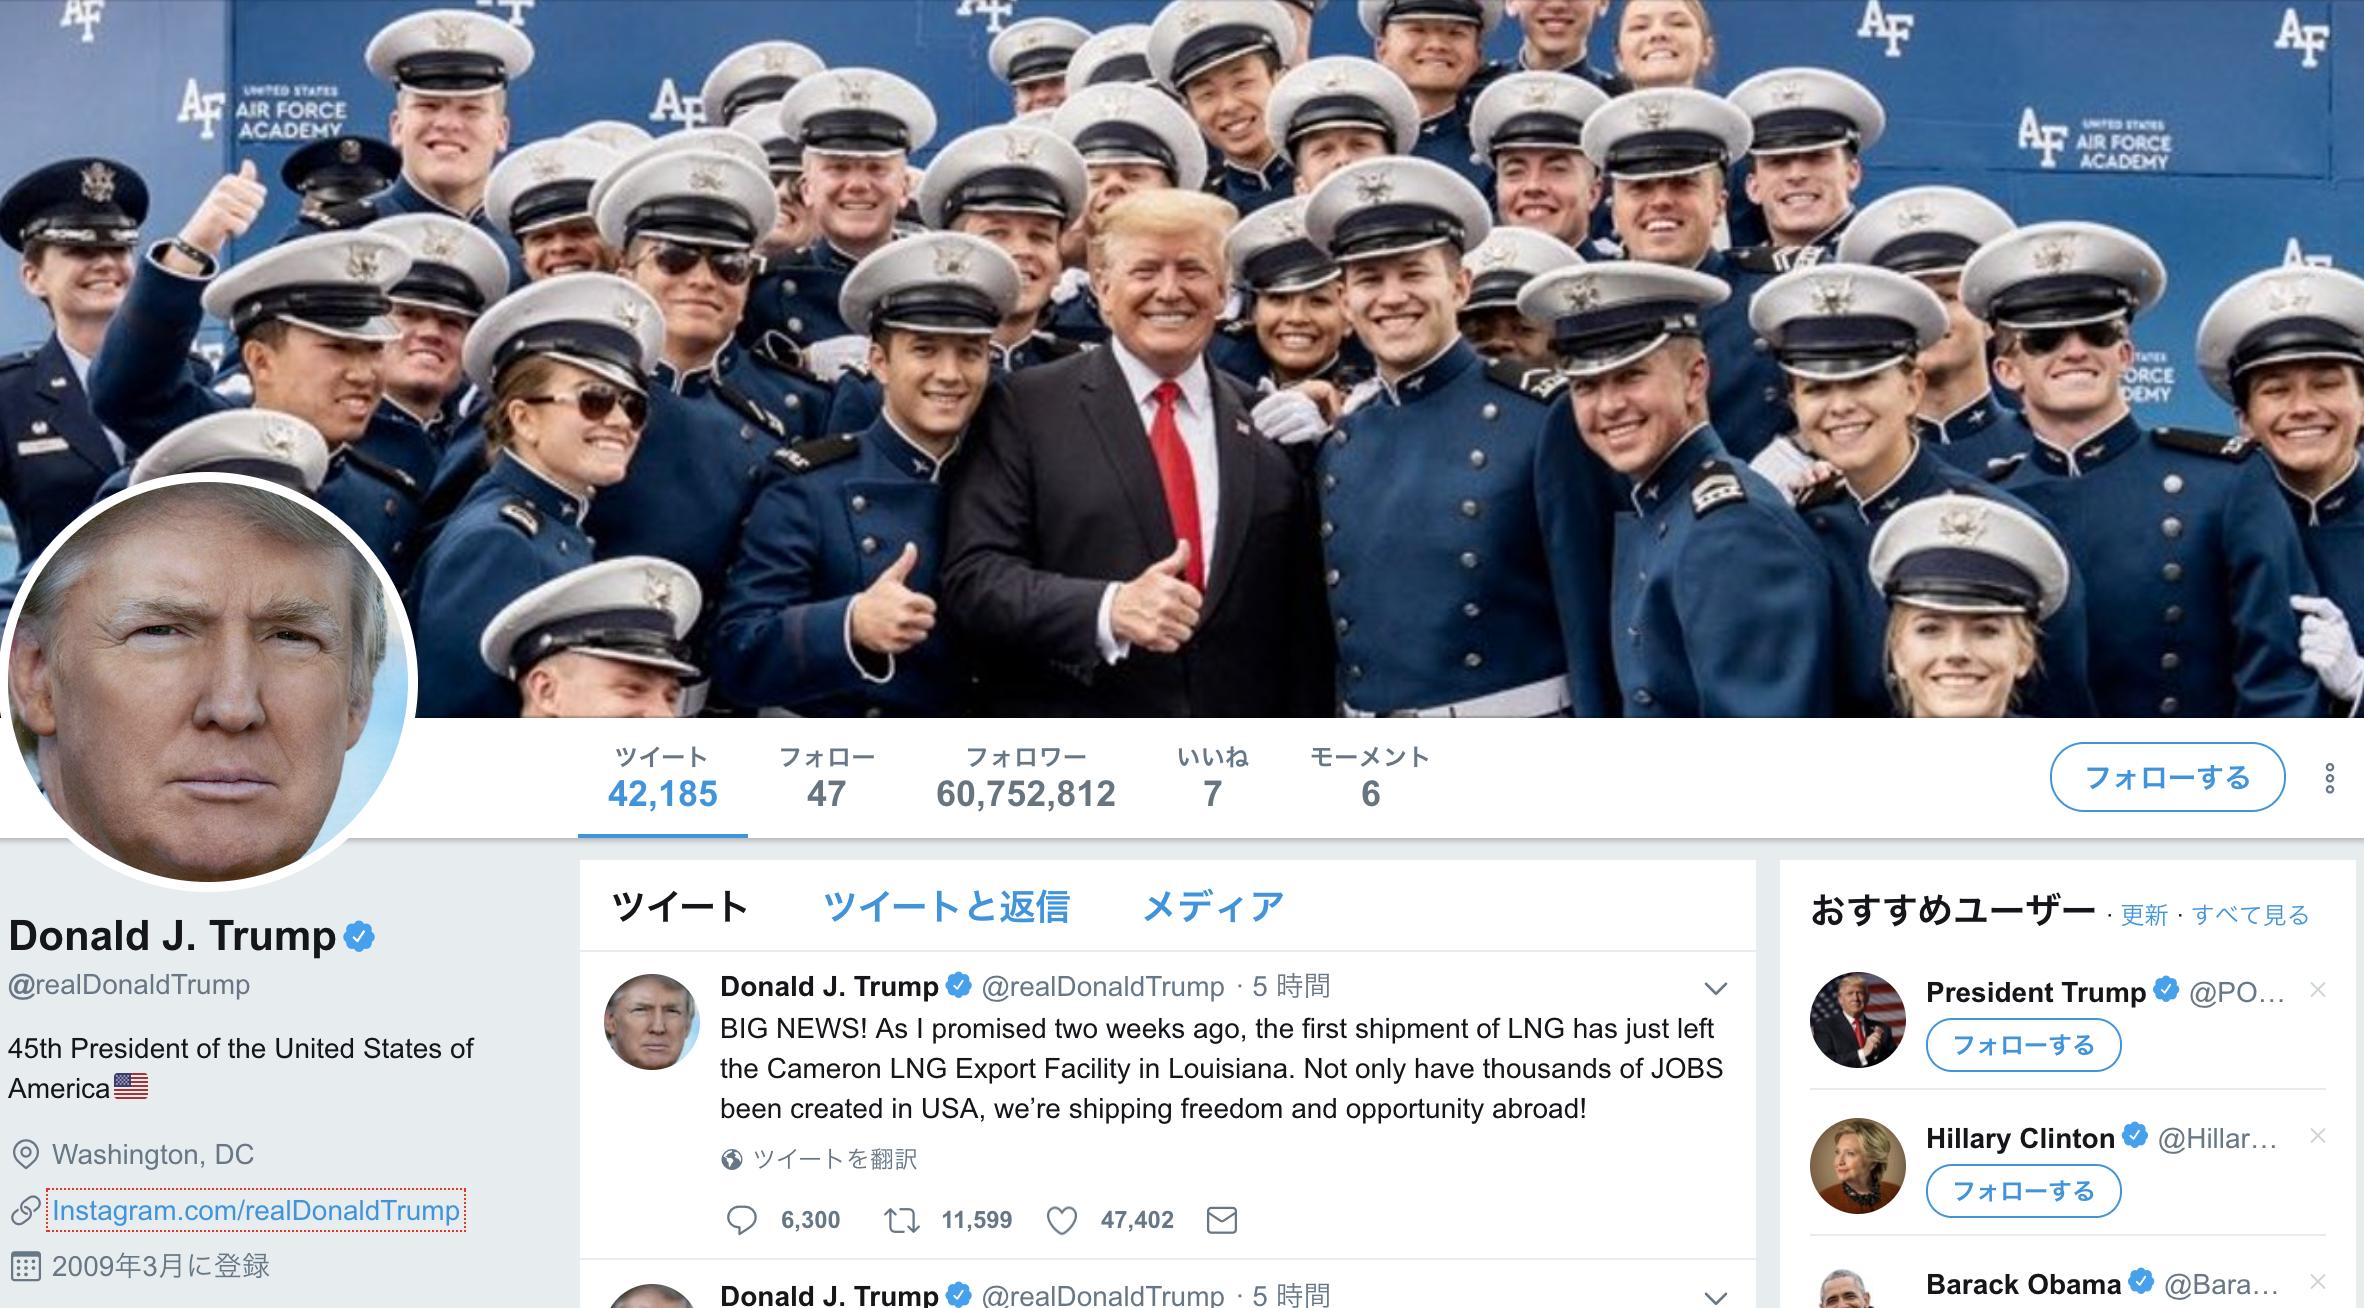 アメリカの大統領(ドナルド・トランプ)